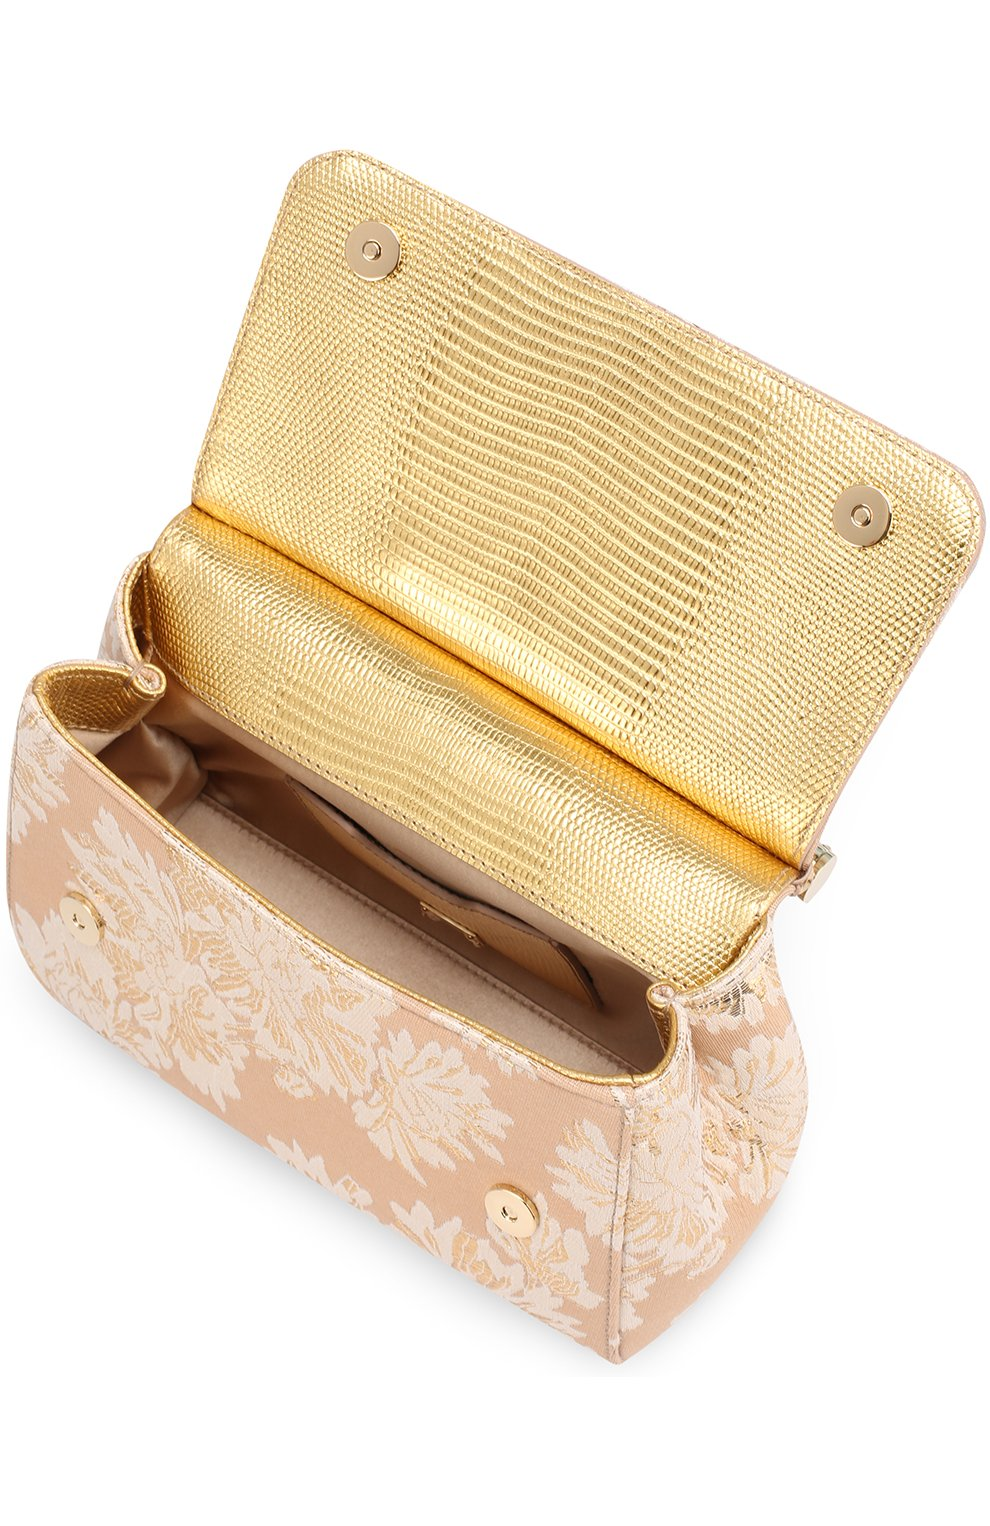 Сумка Sicily small с отделкой кристаллами Limited edition Dolce & Gabbana золотого цвета   Фото №4